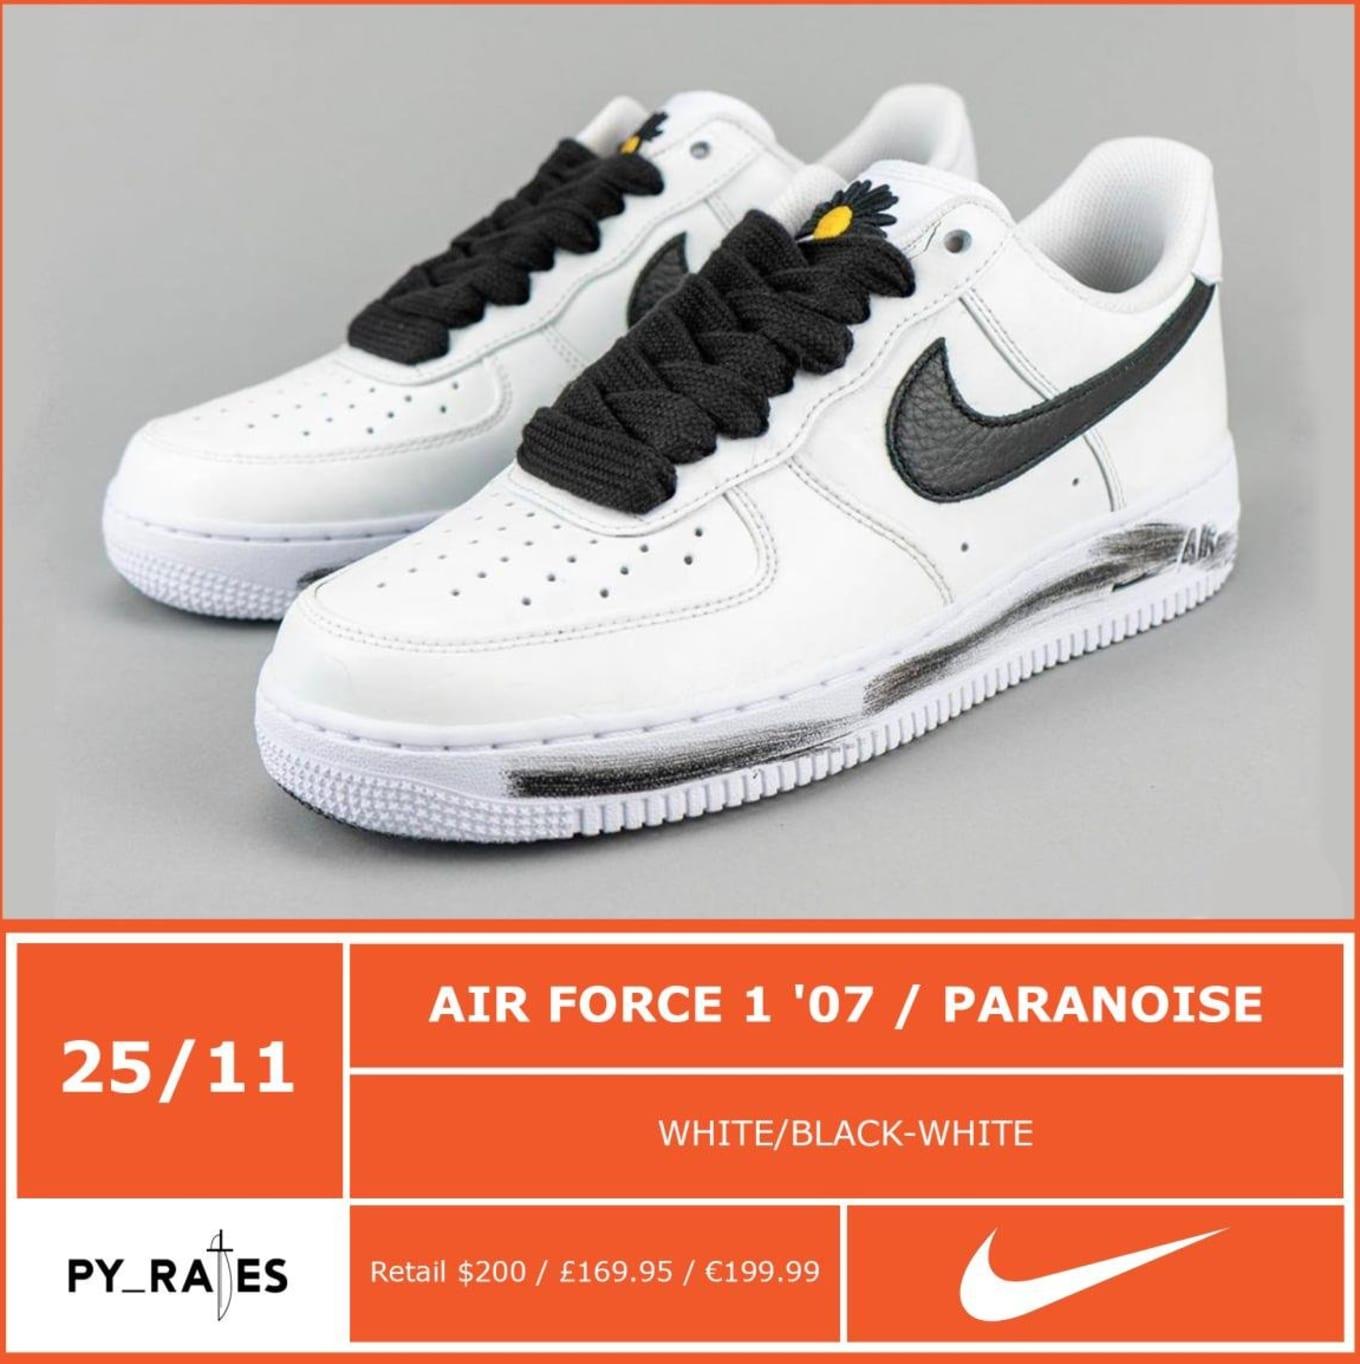 air force 1 25